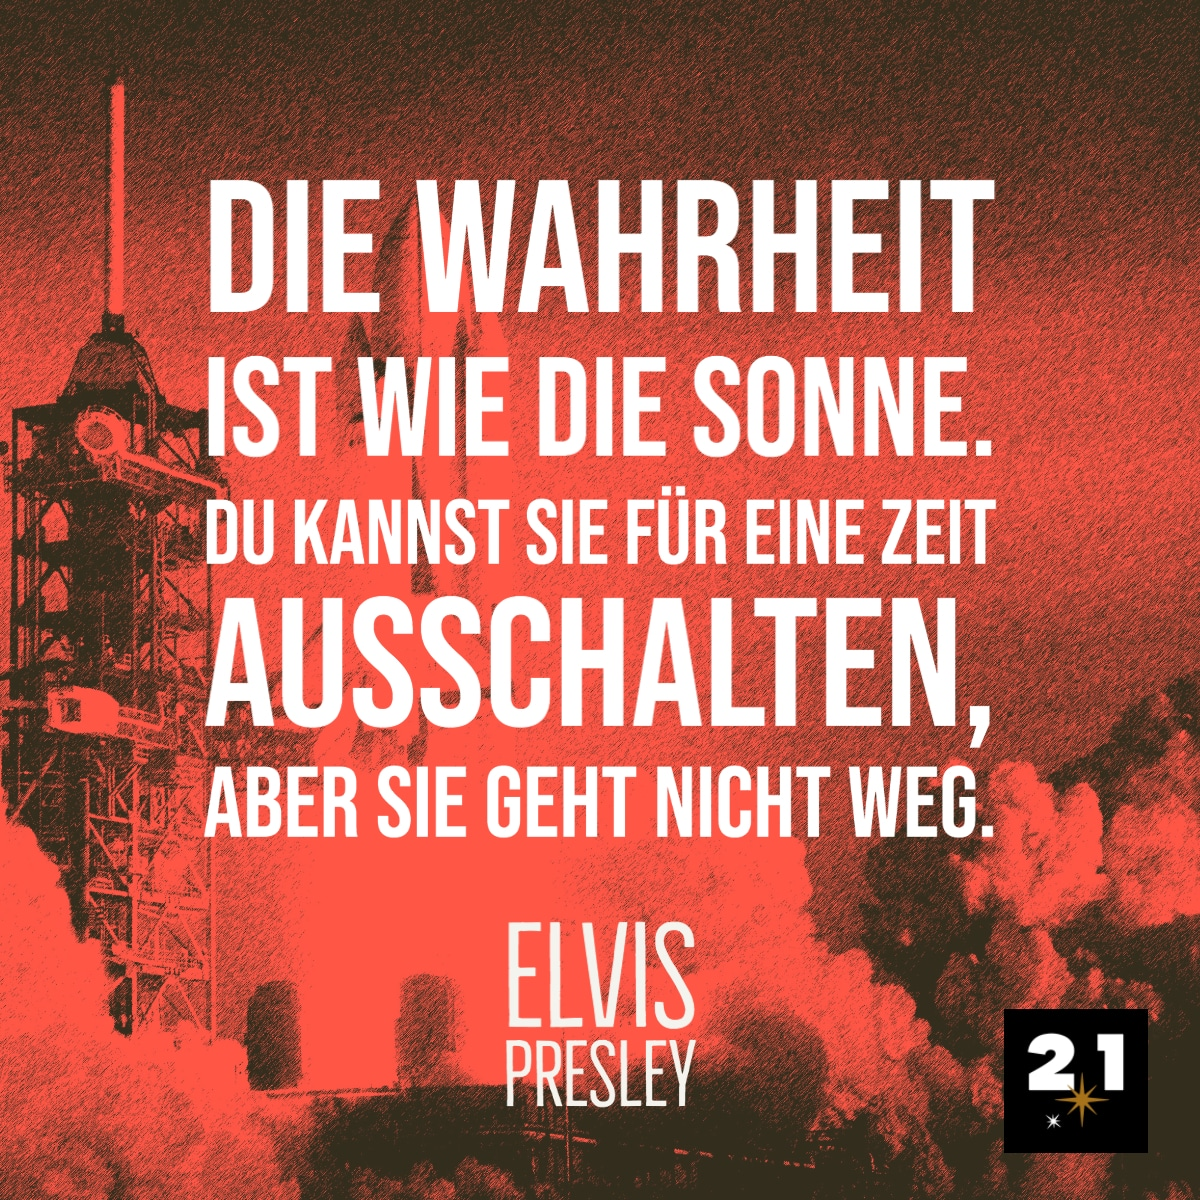 Elvis Presley spricht